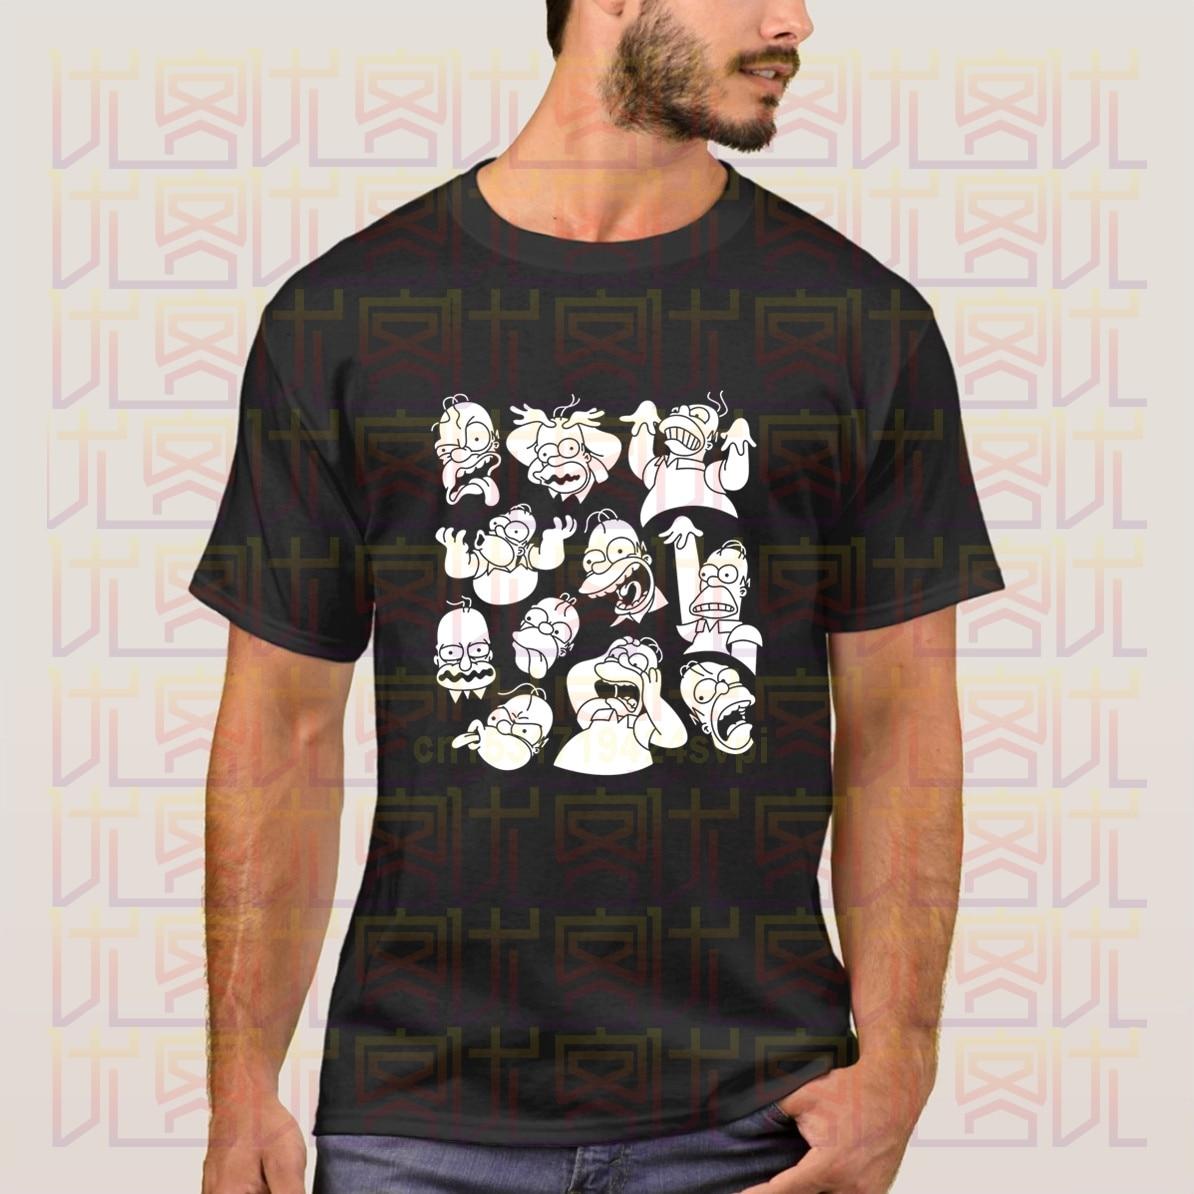 Camiseta Simpson Face sin Tv And No Beer Make Homer Make, novedad de verano 2020, camisetas populares de manga corta para hombre